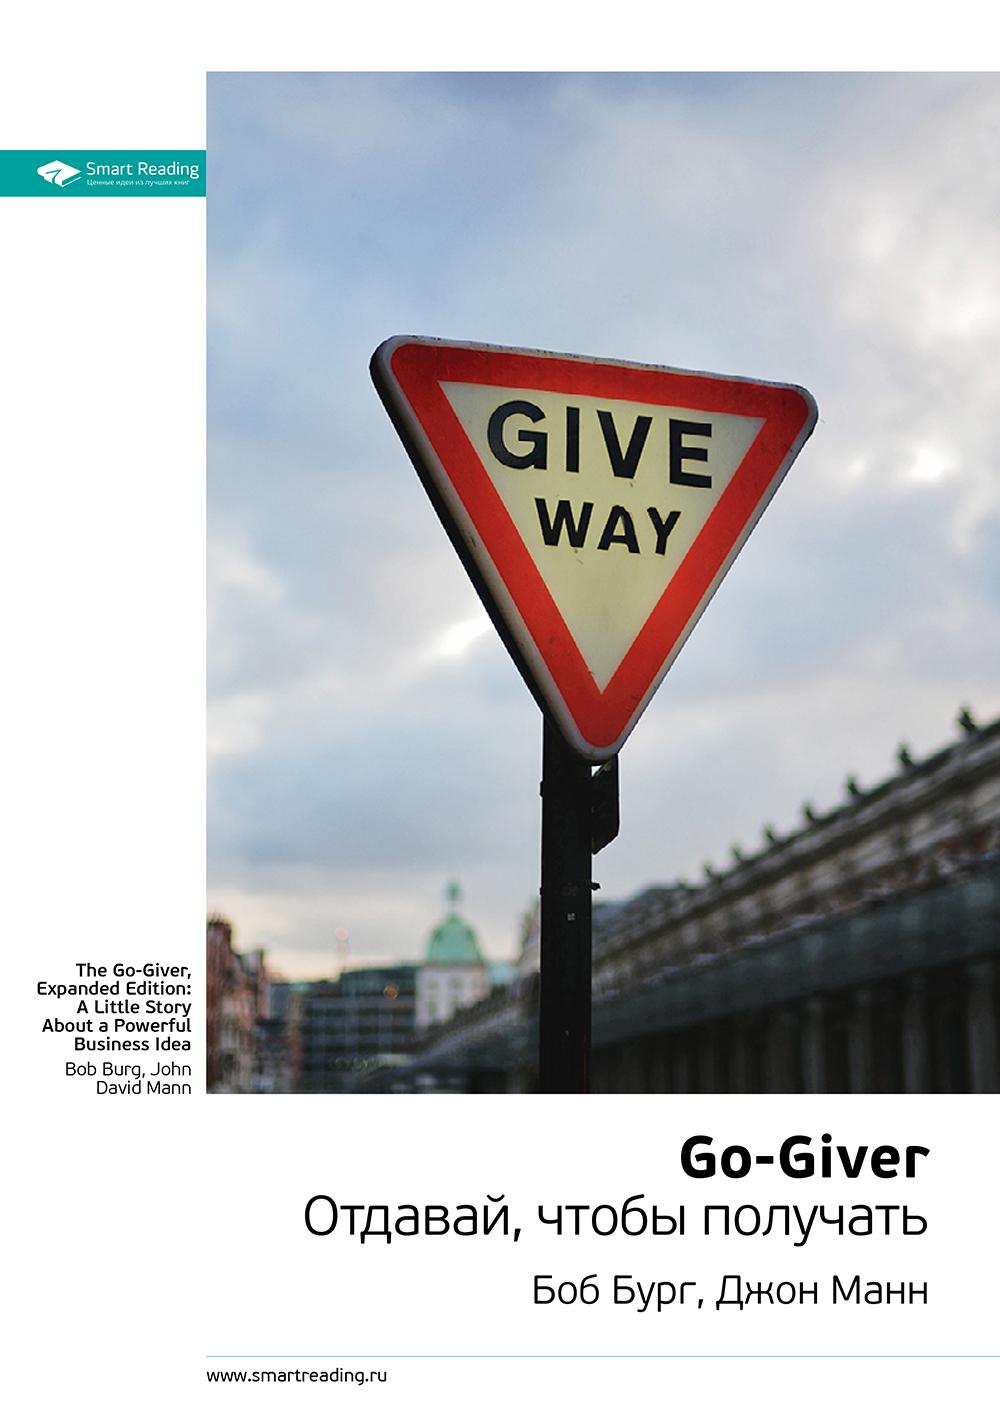 Ключевые идеи книги: Go-Giver. Отдавай, чтобы получать. Боб Бург, Джон Манн